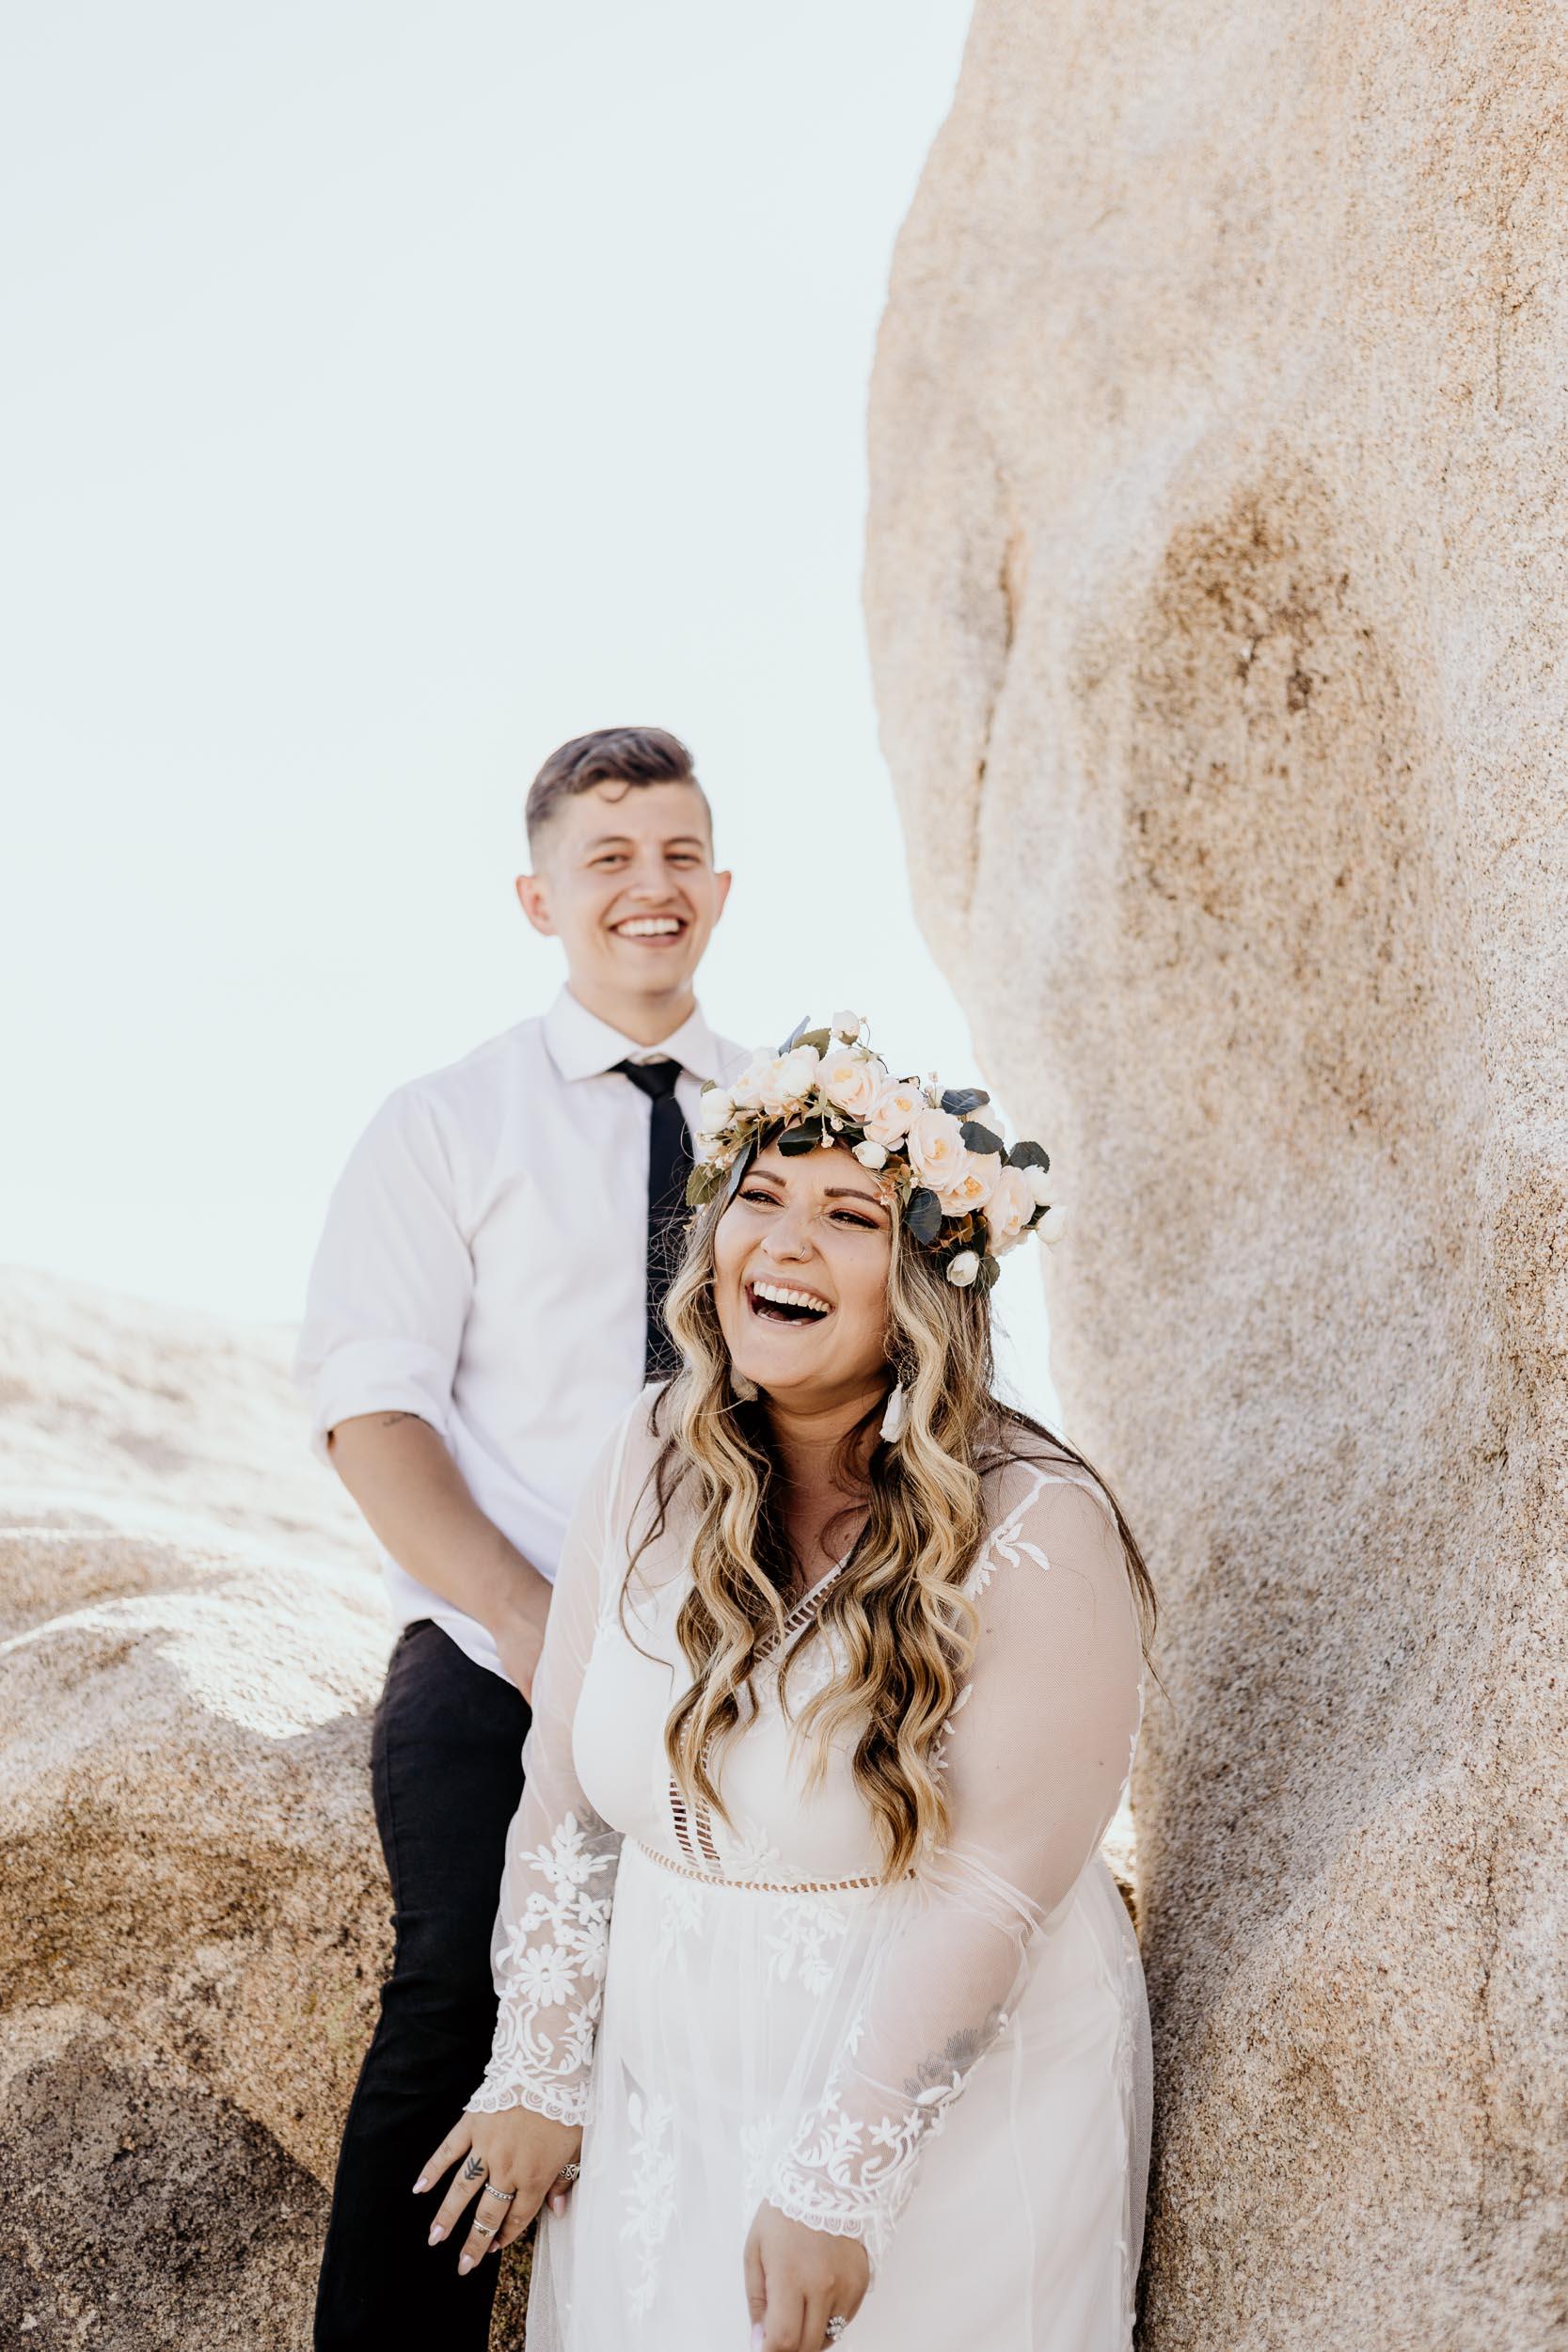 intimate-wedding-elopement-photographer-ottawa-joshua-tree-0717.jpg